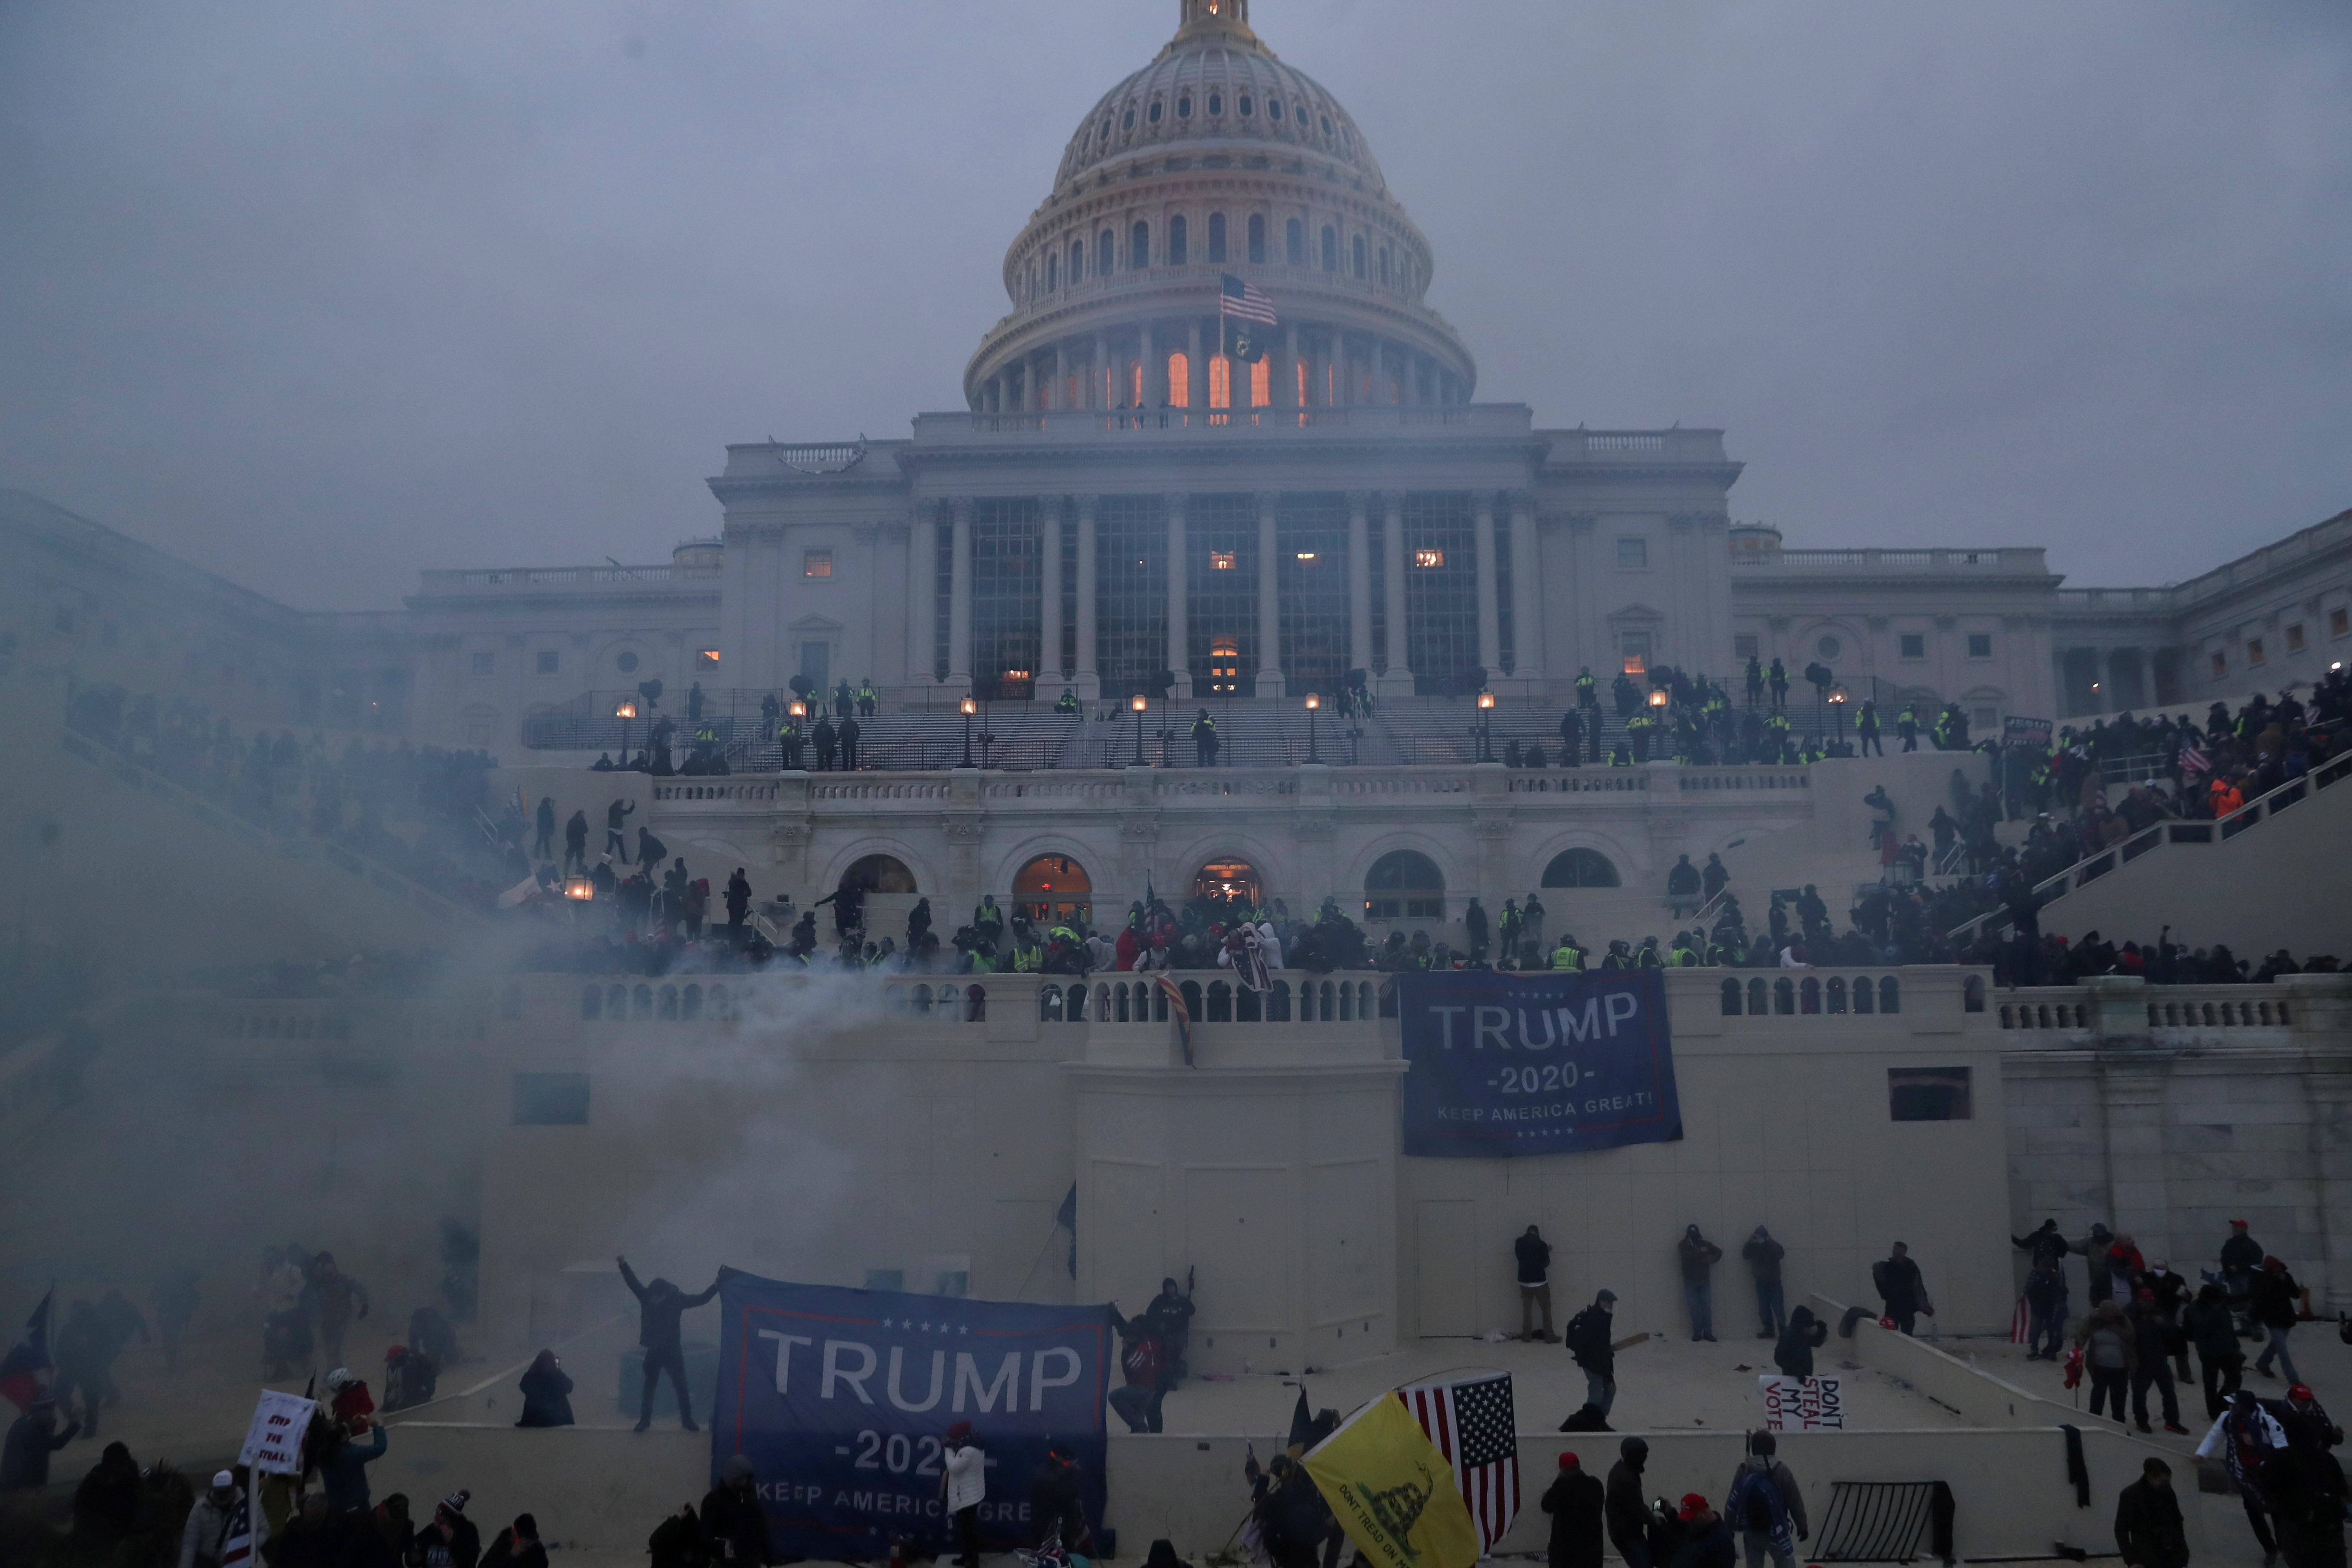 کنگره آمریکا که توسط طرفداران ترامپ مصادره و توسط شهرداری مقدس شده است